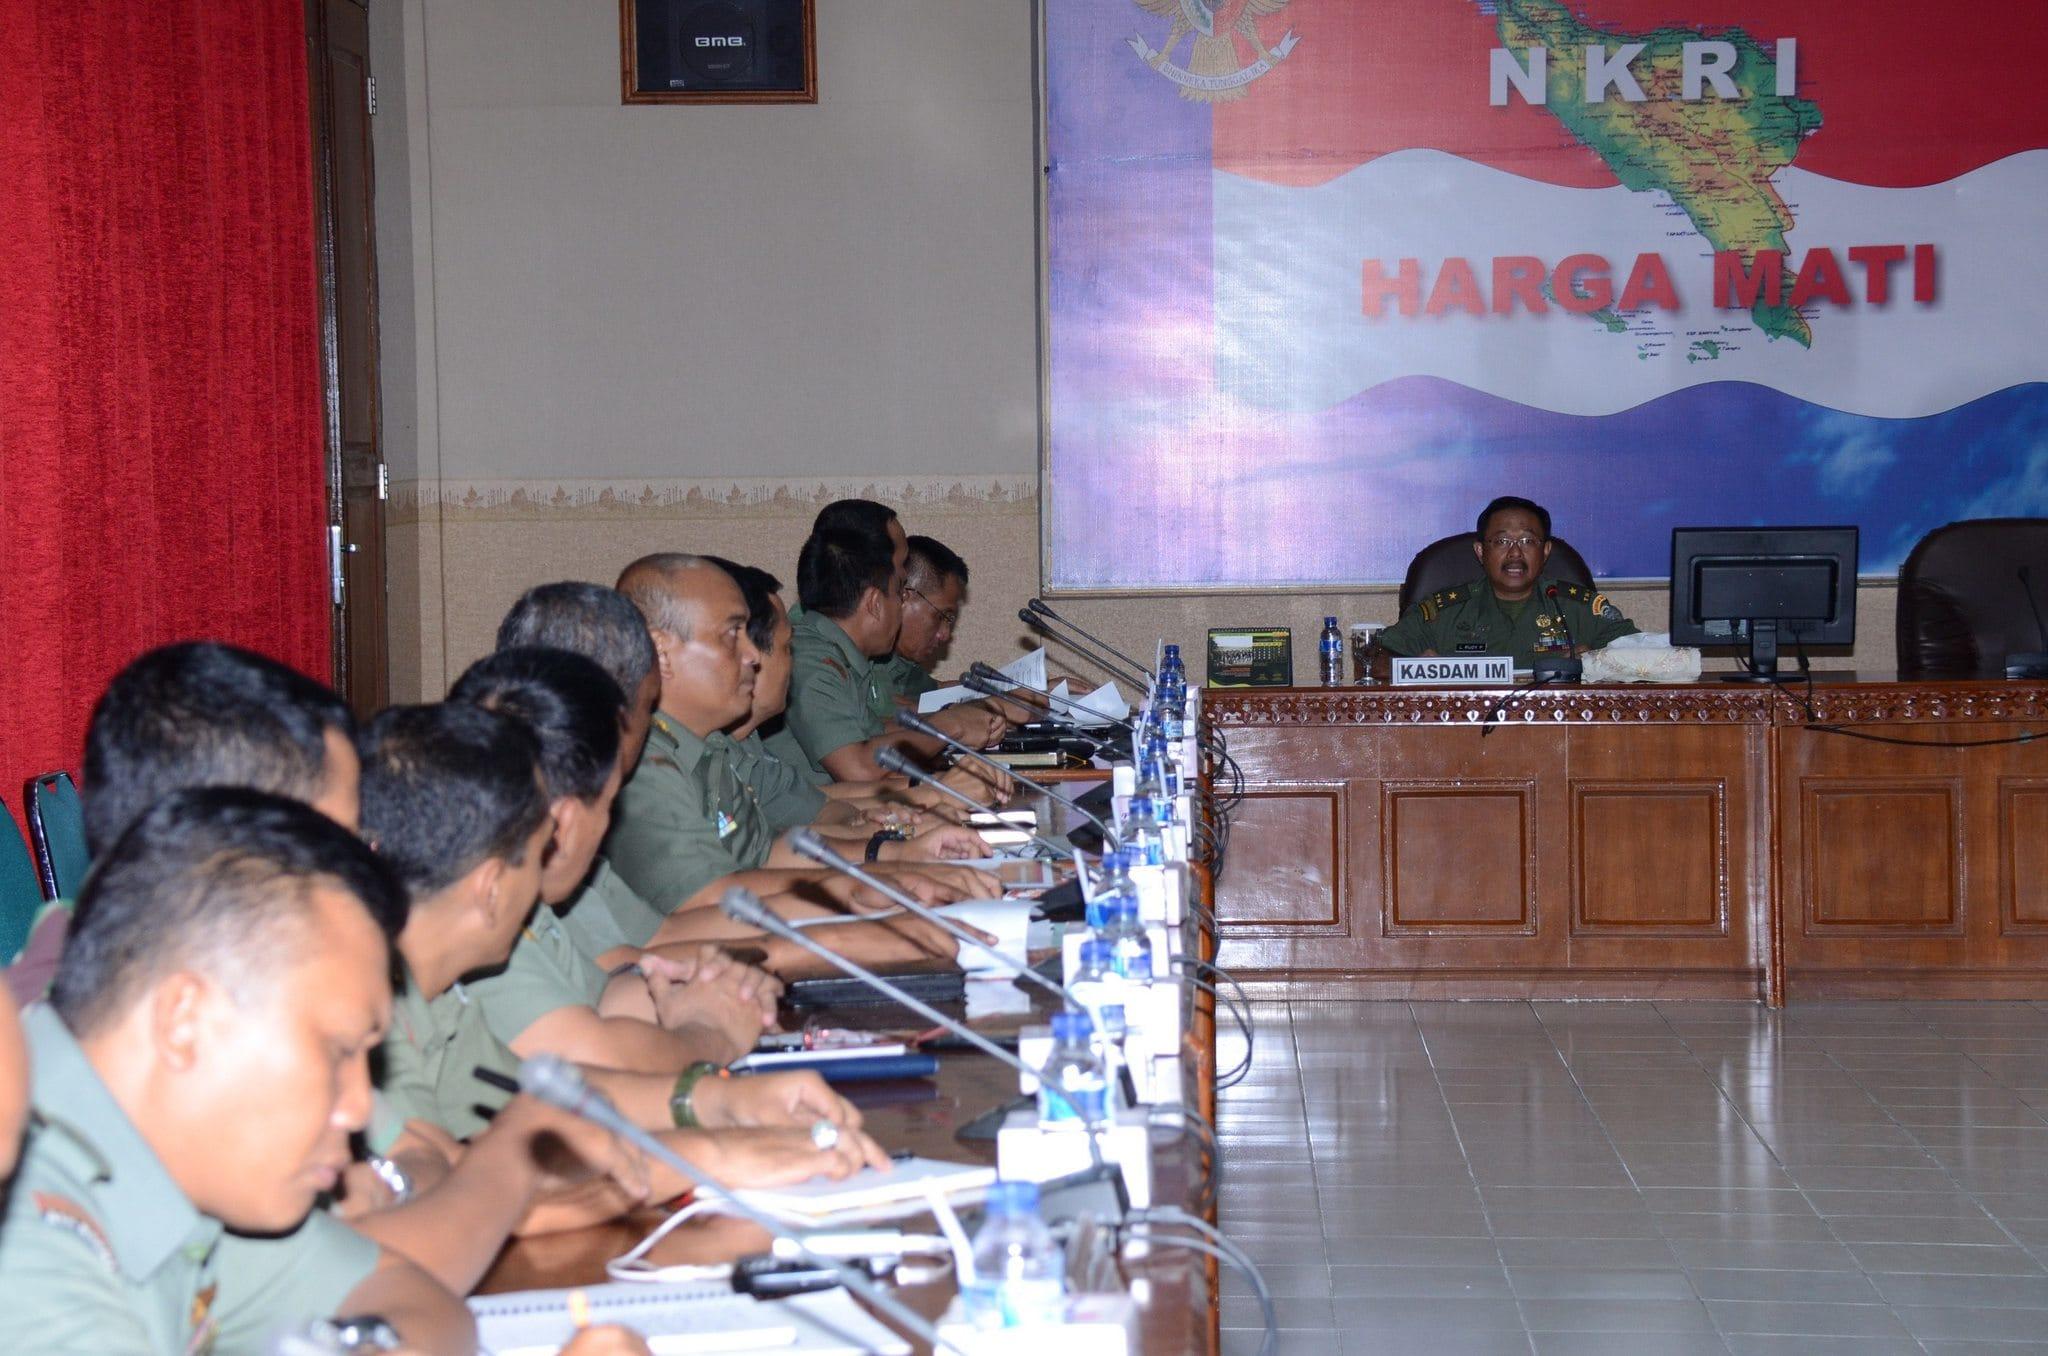 Kasdam Terima Paparan RGB Karya Bhakti TNI Skala Besar Kodam IM